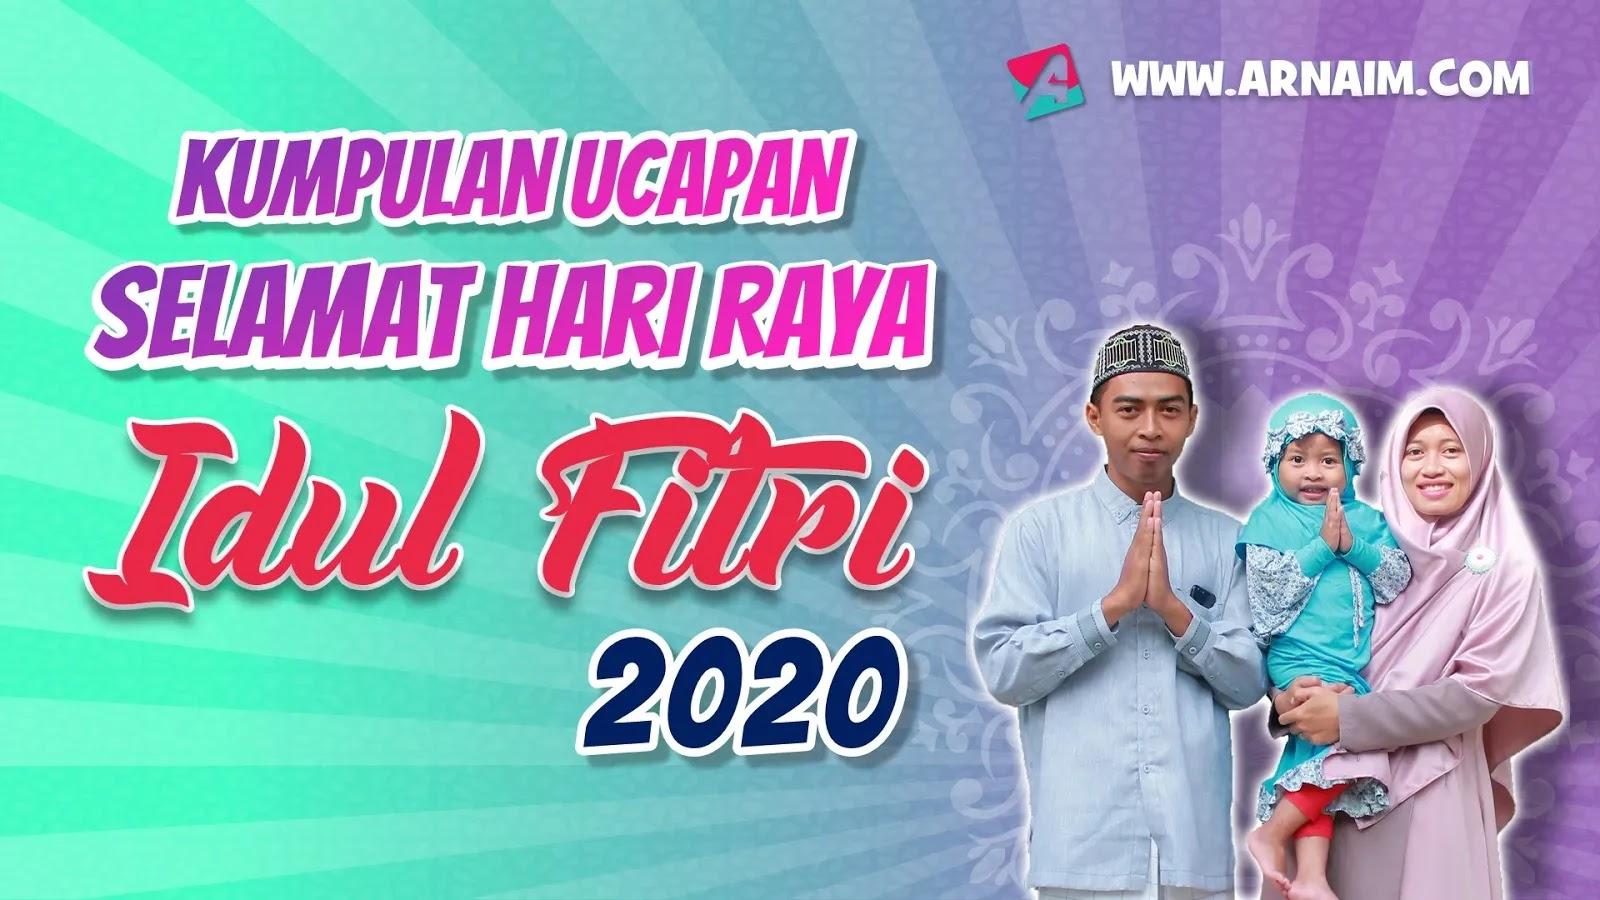 ARNAIM.COM - KUMPULAN UCAPAN SELAMAT HARI RAYA IDUL FITRI 2021